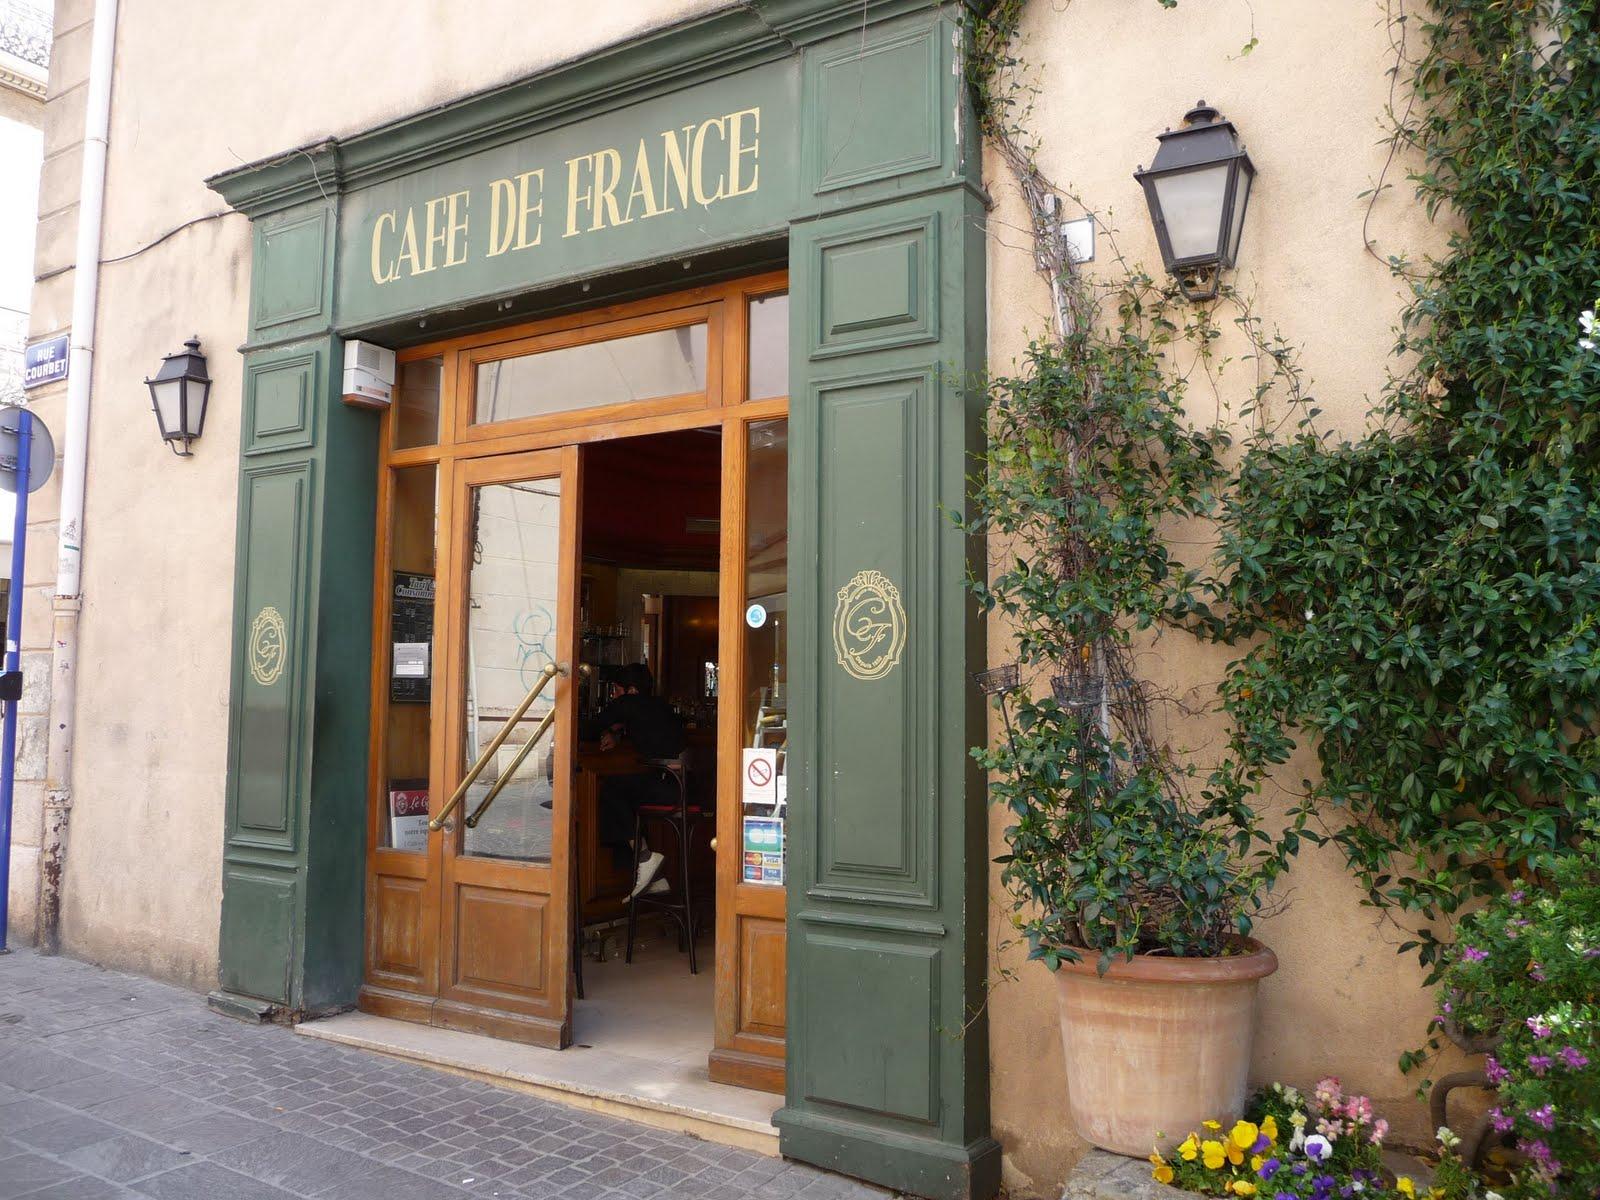 Fr jus st maxime st raphael nizza oder viel mehr freizeit veranstaltungen musik und noch - Cafe de france sainte maxime ...